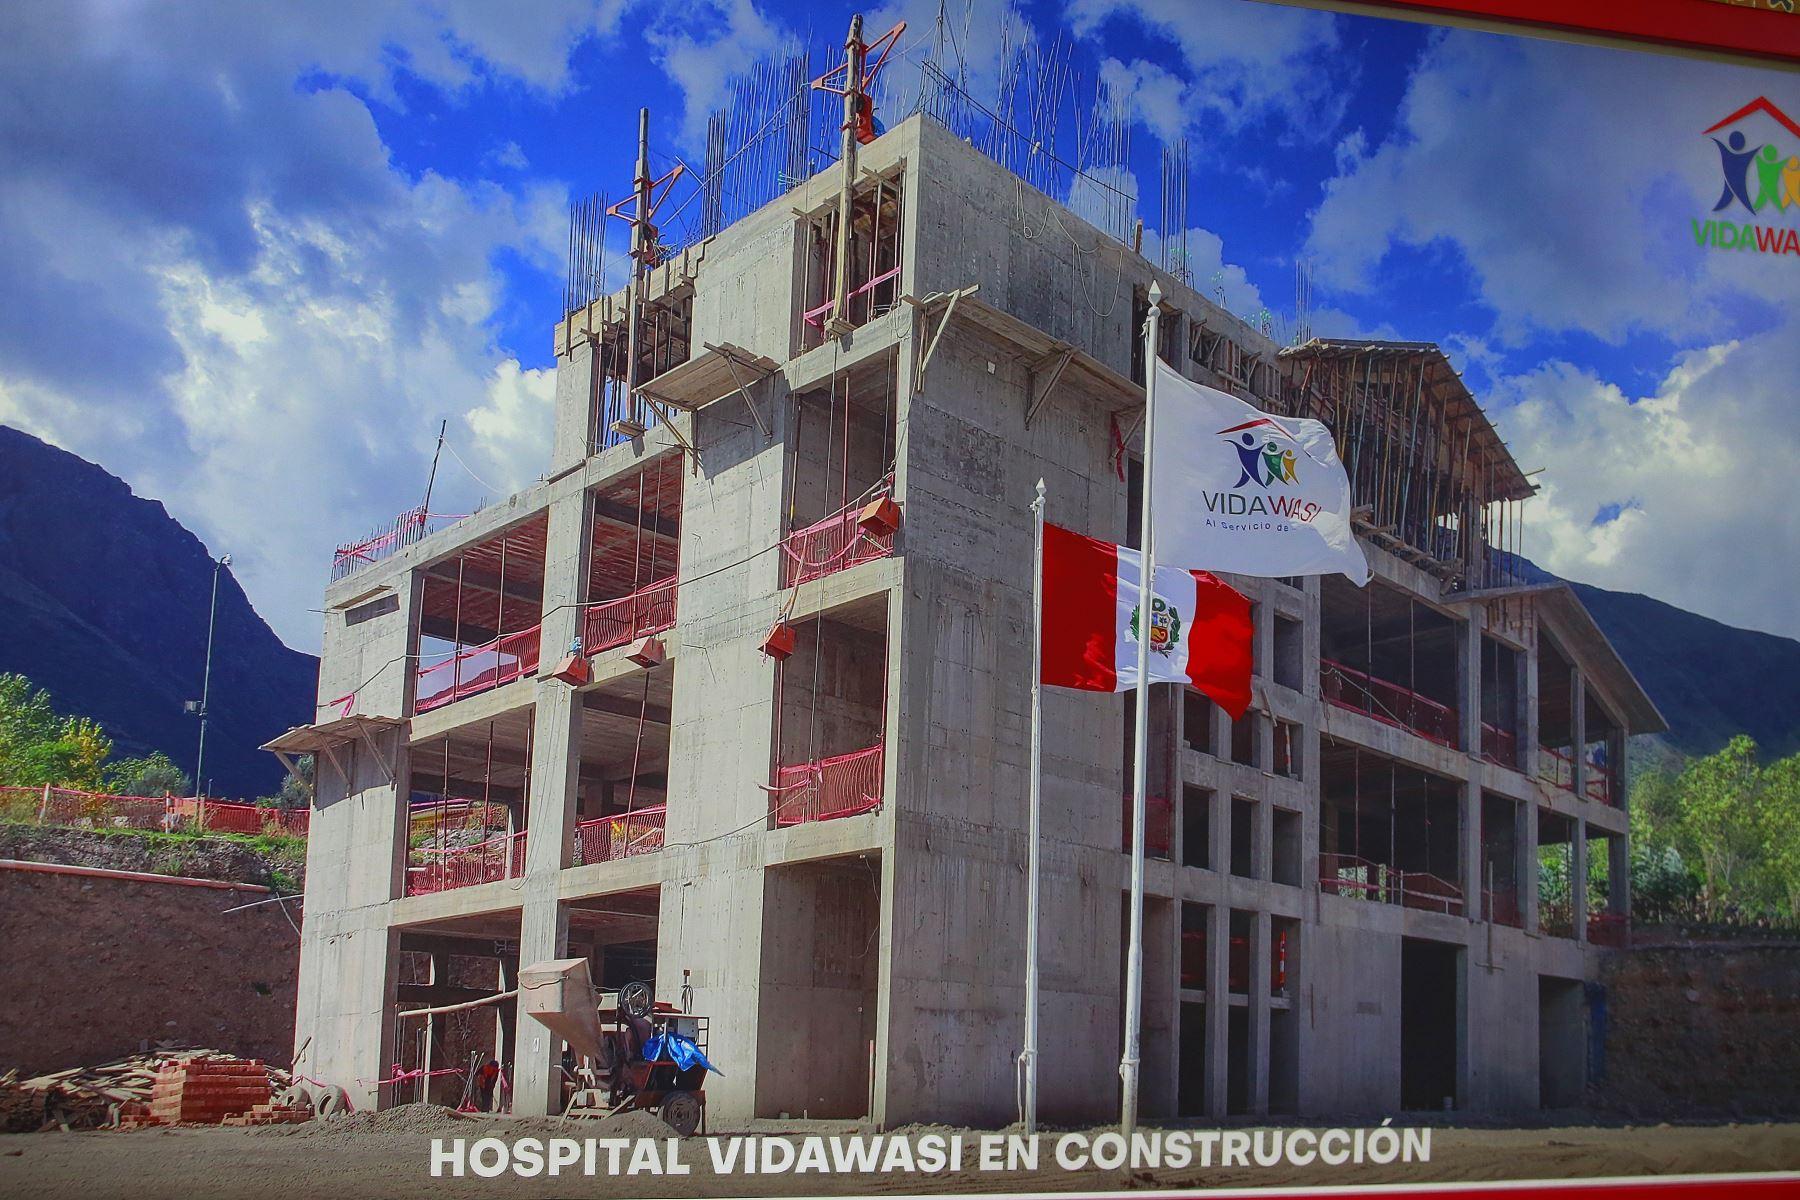 La esperanza se renueva en Cusco con hospital de cáncer pediátrico. ANDINA/Héctor Vinces